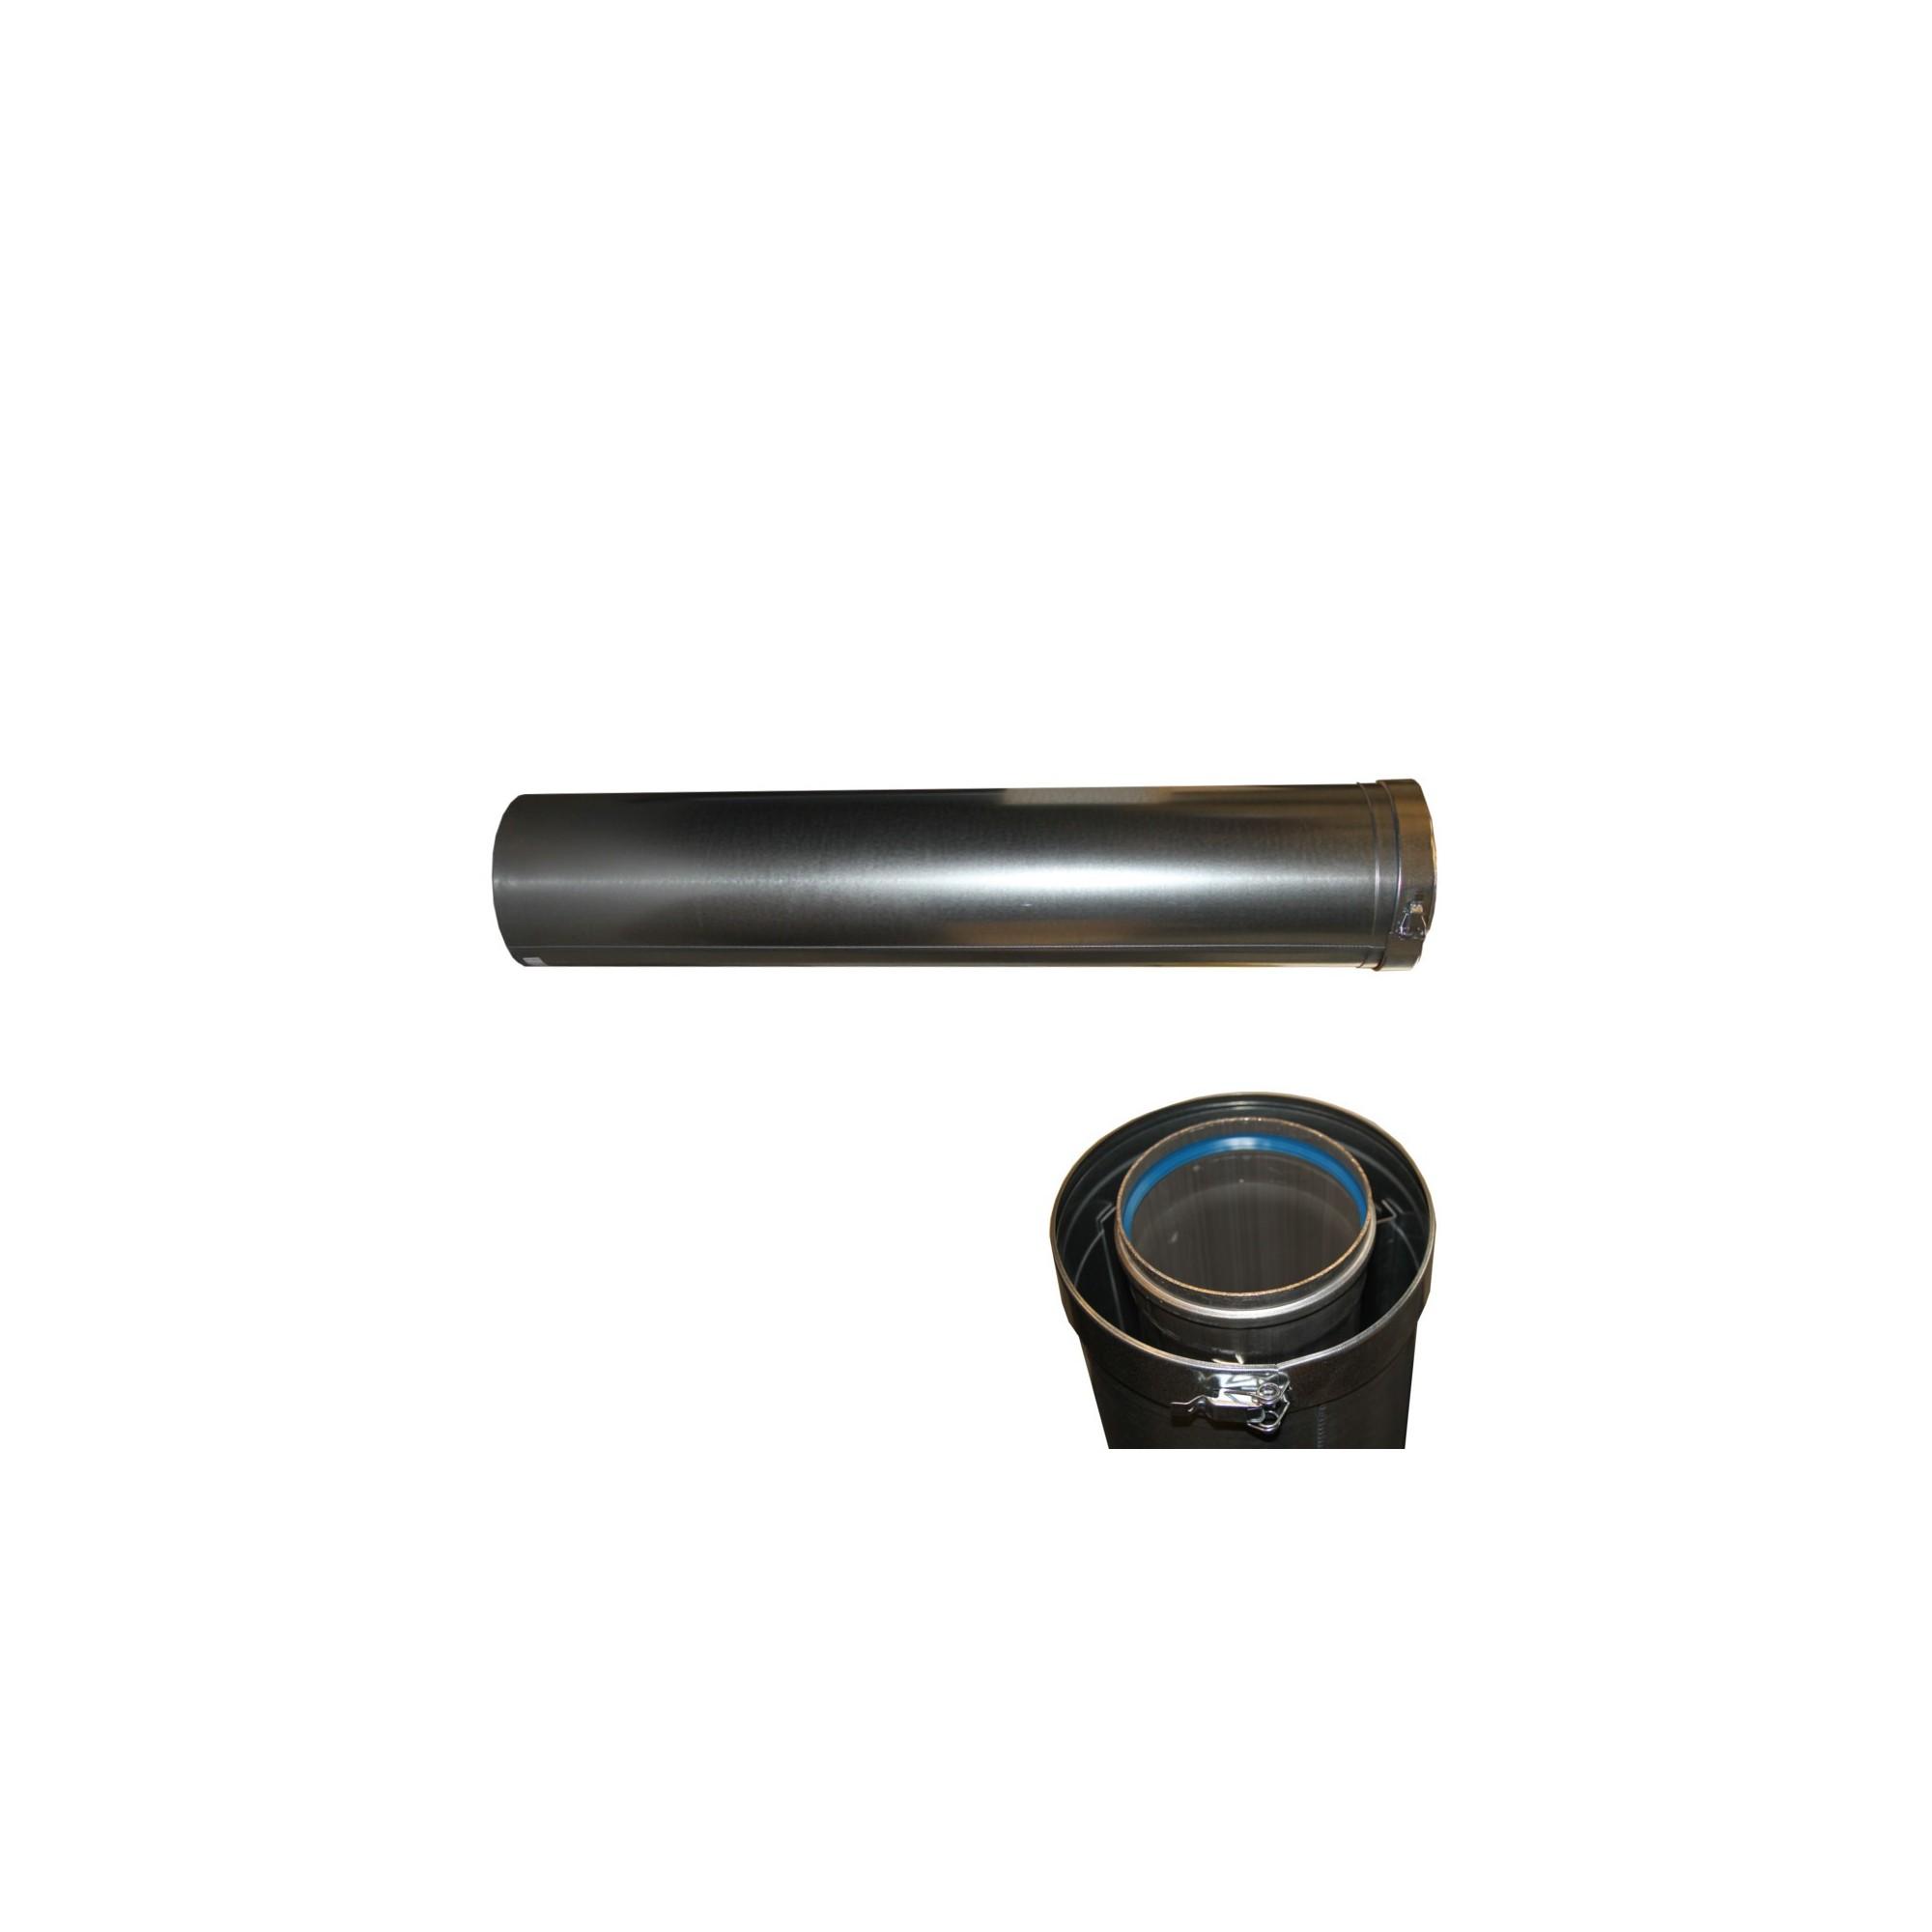 TUBE CONIC 130/200 1M